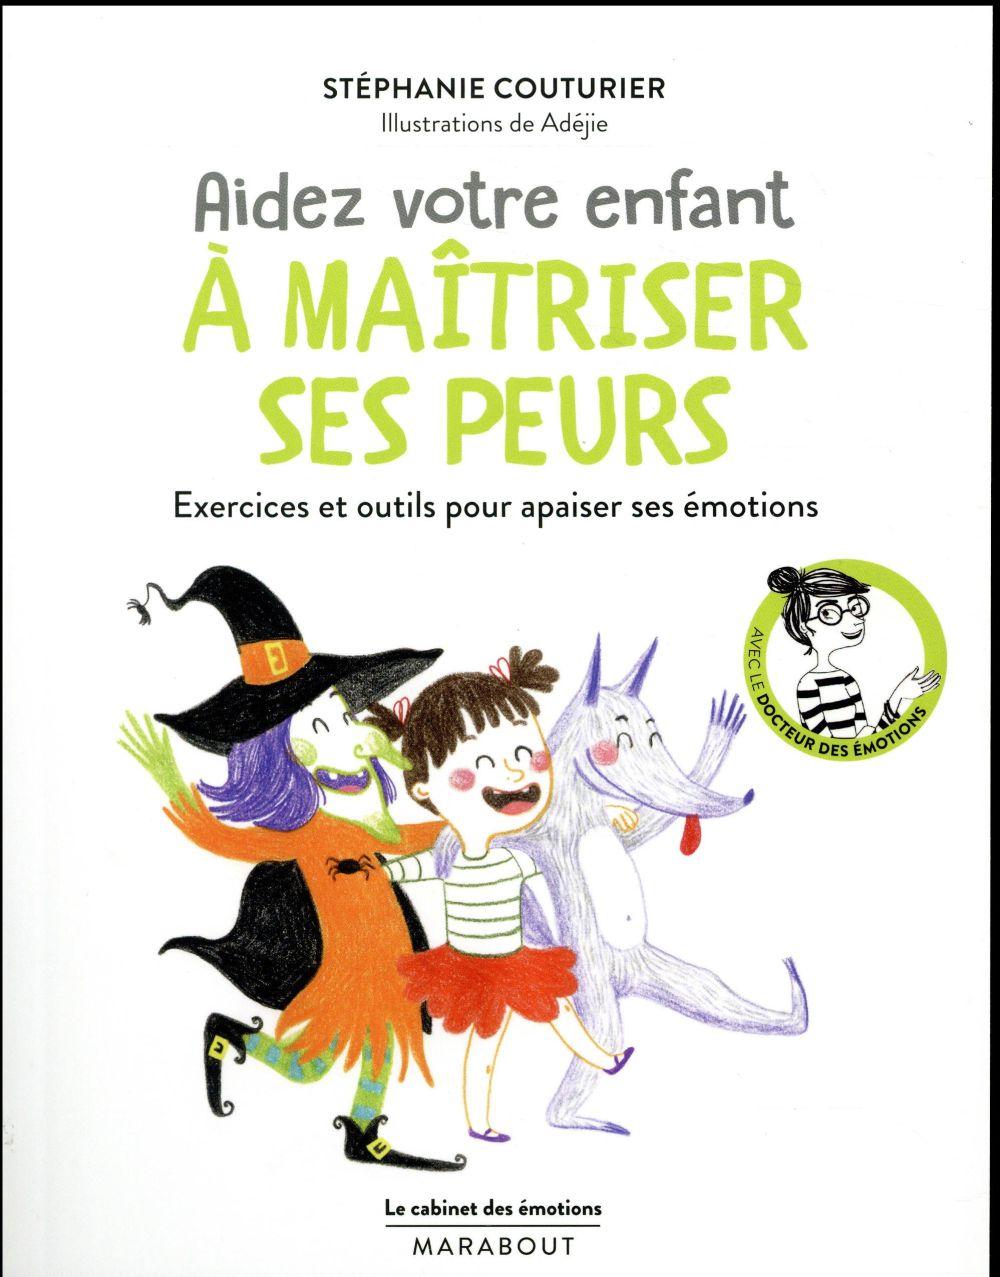 LE CABINET DES EMOTIONS : AIDER VOTRE ENFANT A VAINCRE SES PEURS Couturier Stéphanie Marabout